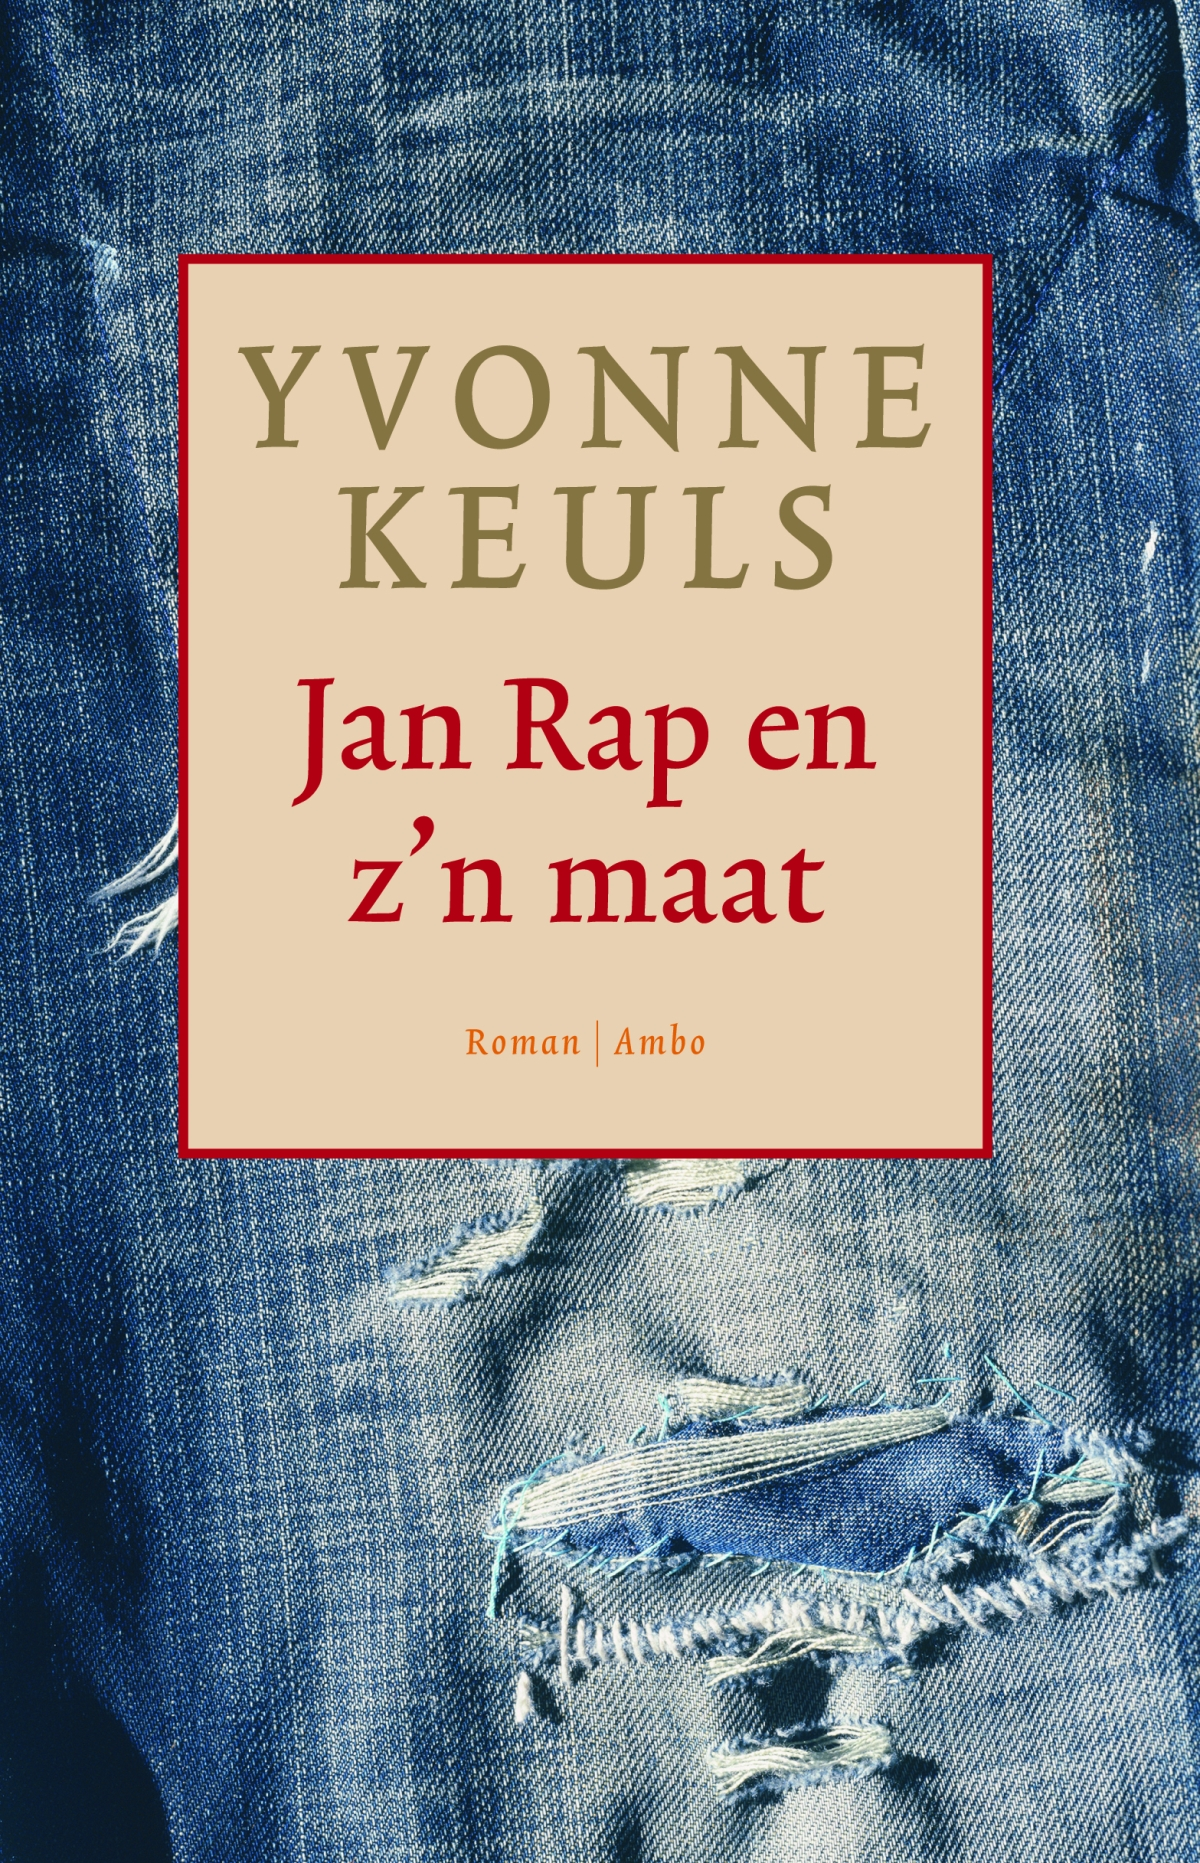 Jan Rap en z'n maat - Yvonne Keuls